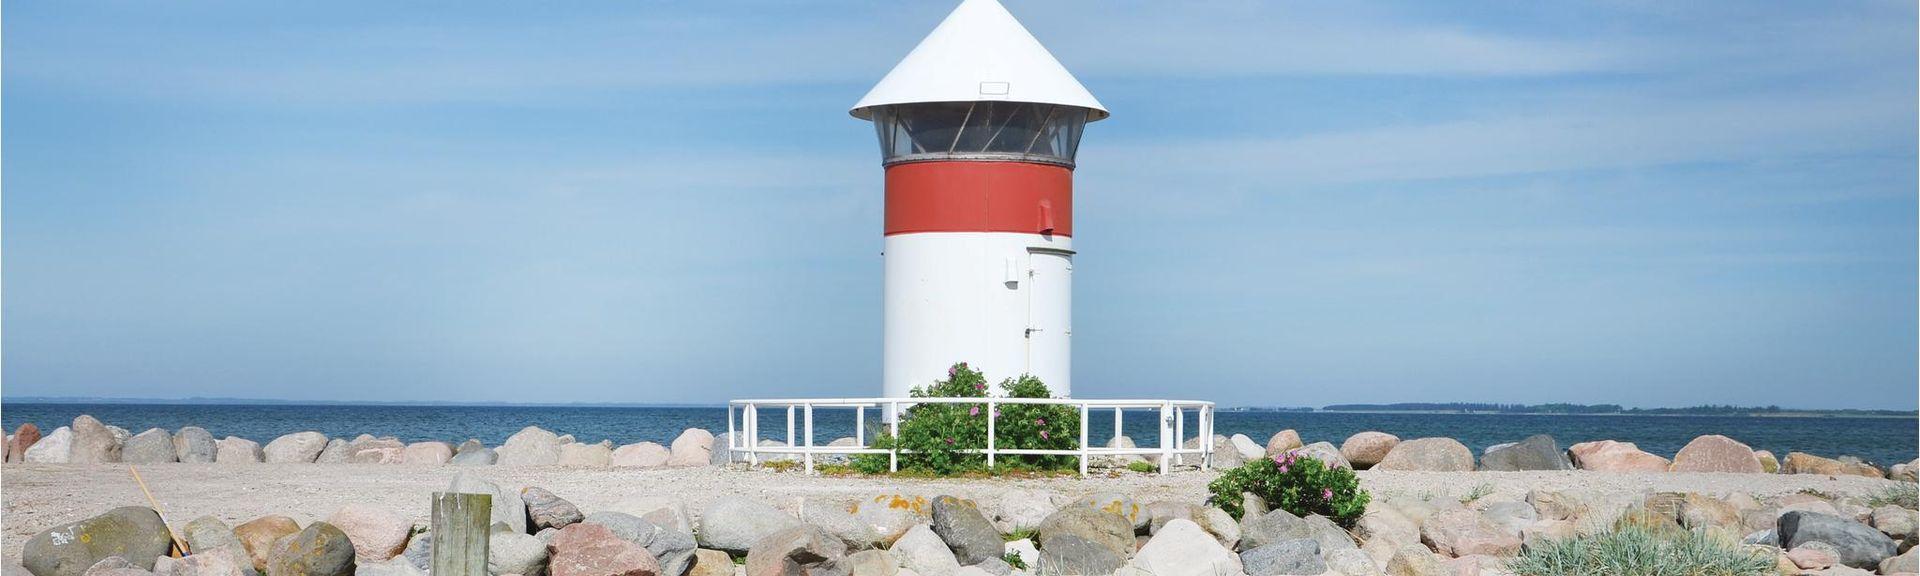 Helnæs, Ebberup, Syddanmark, Dinamarca